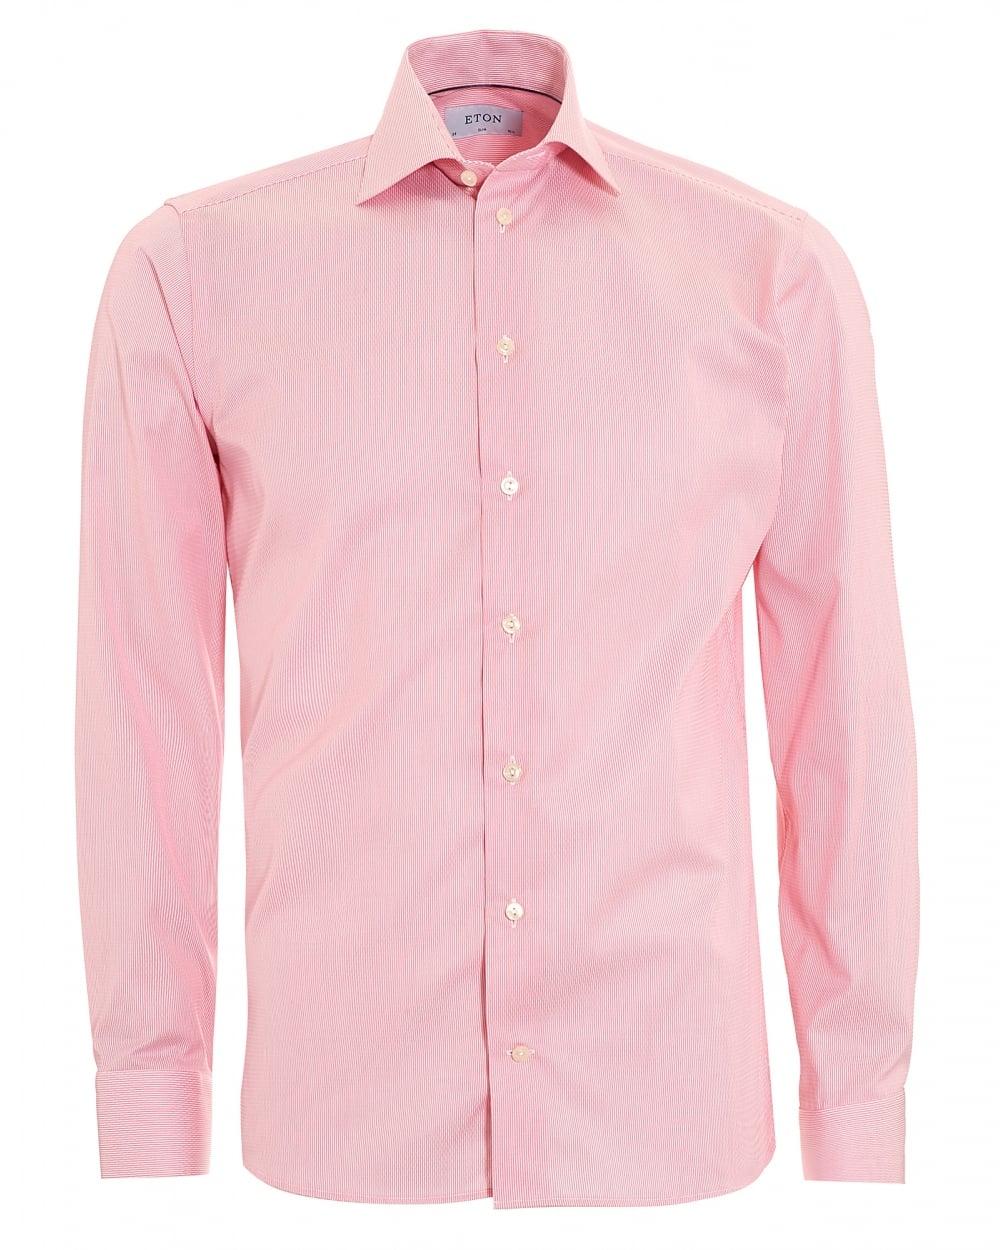 Eton shirts mens slim fit micro stripe pink cotton shirt for Mens pink shirts uk